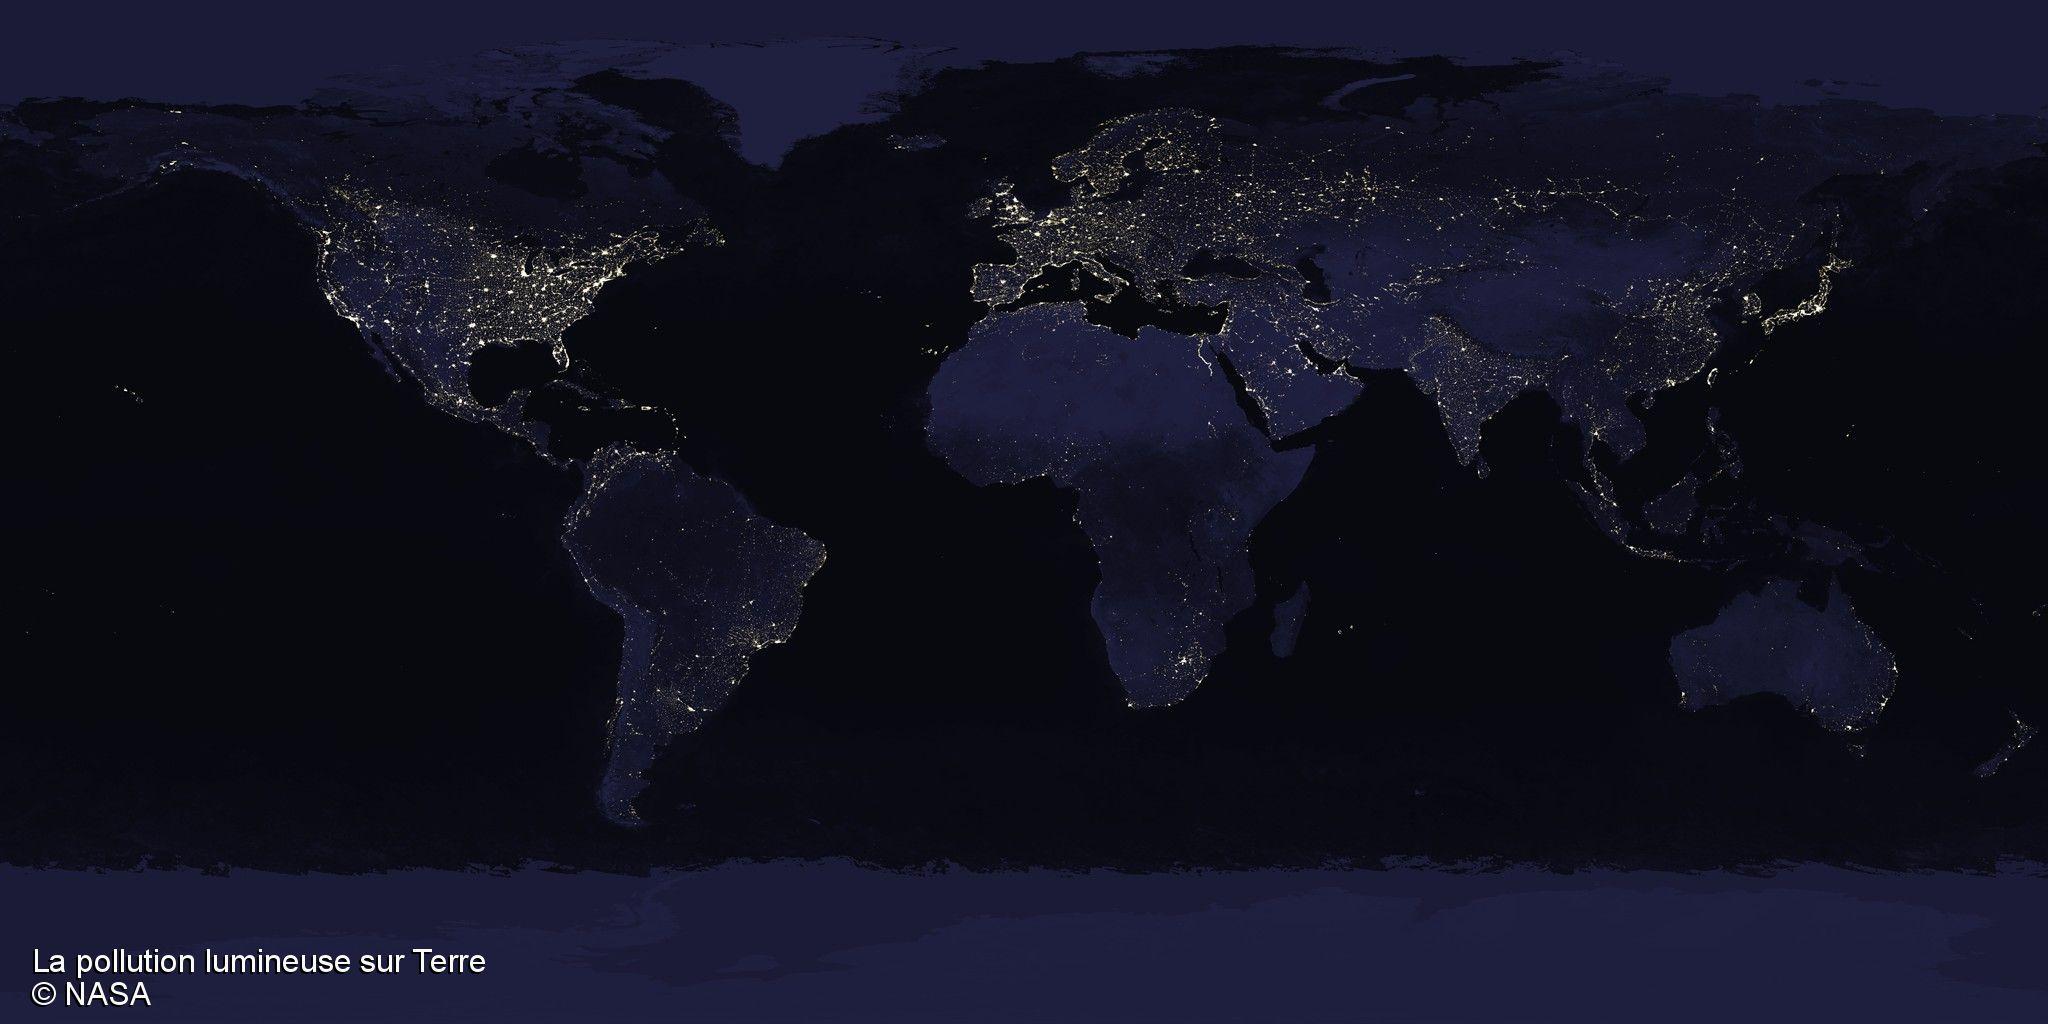 Journal des enfants : Pollution lumineuse, une pollution mal connue